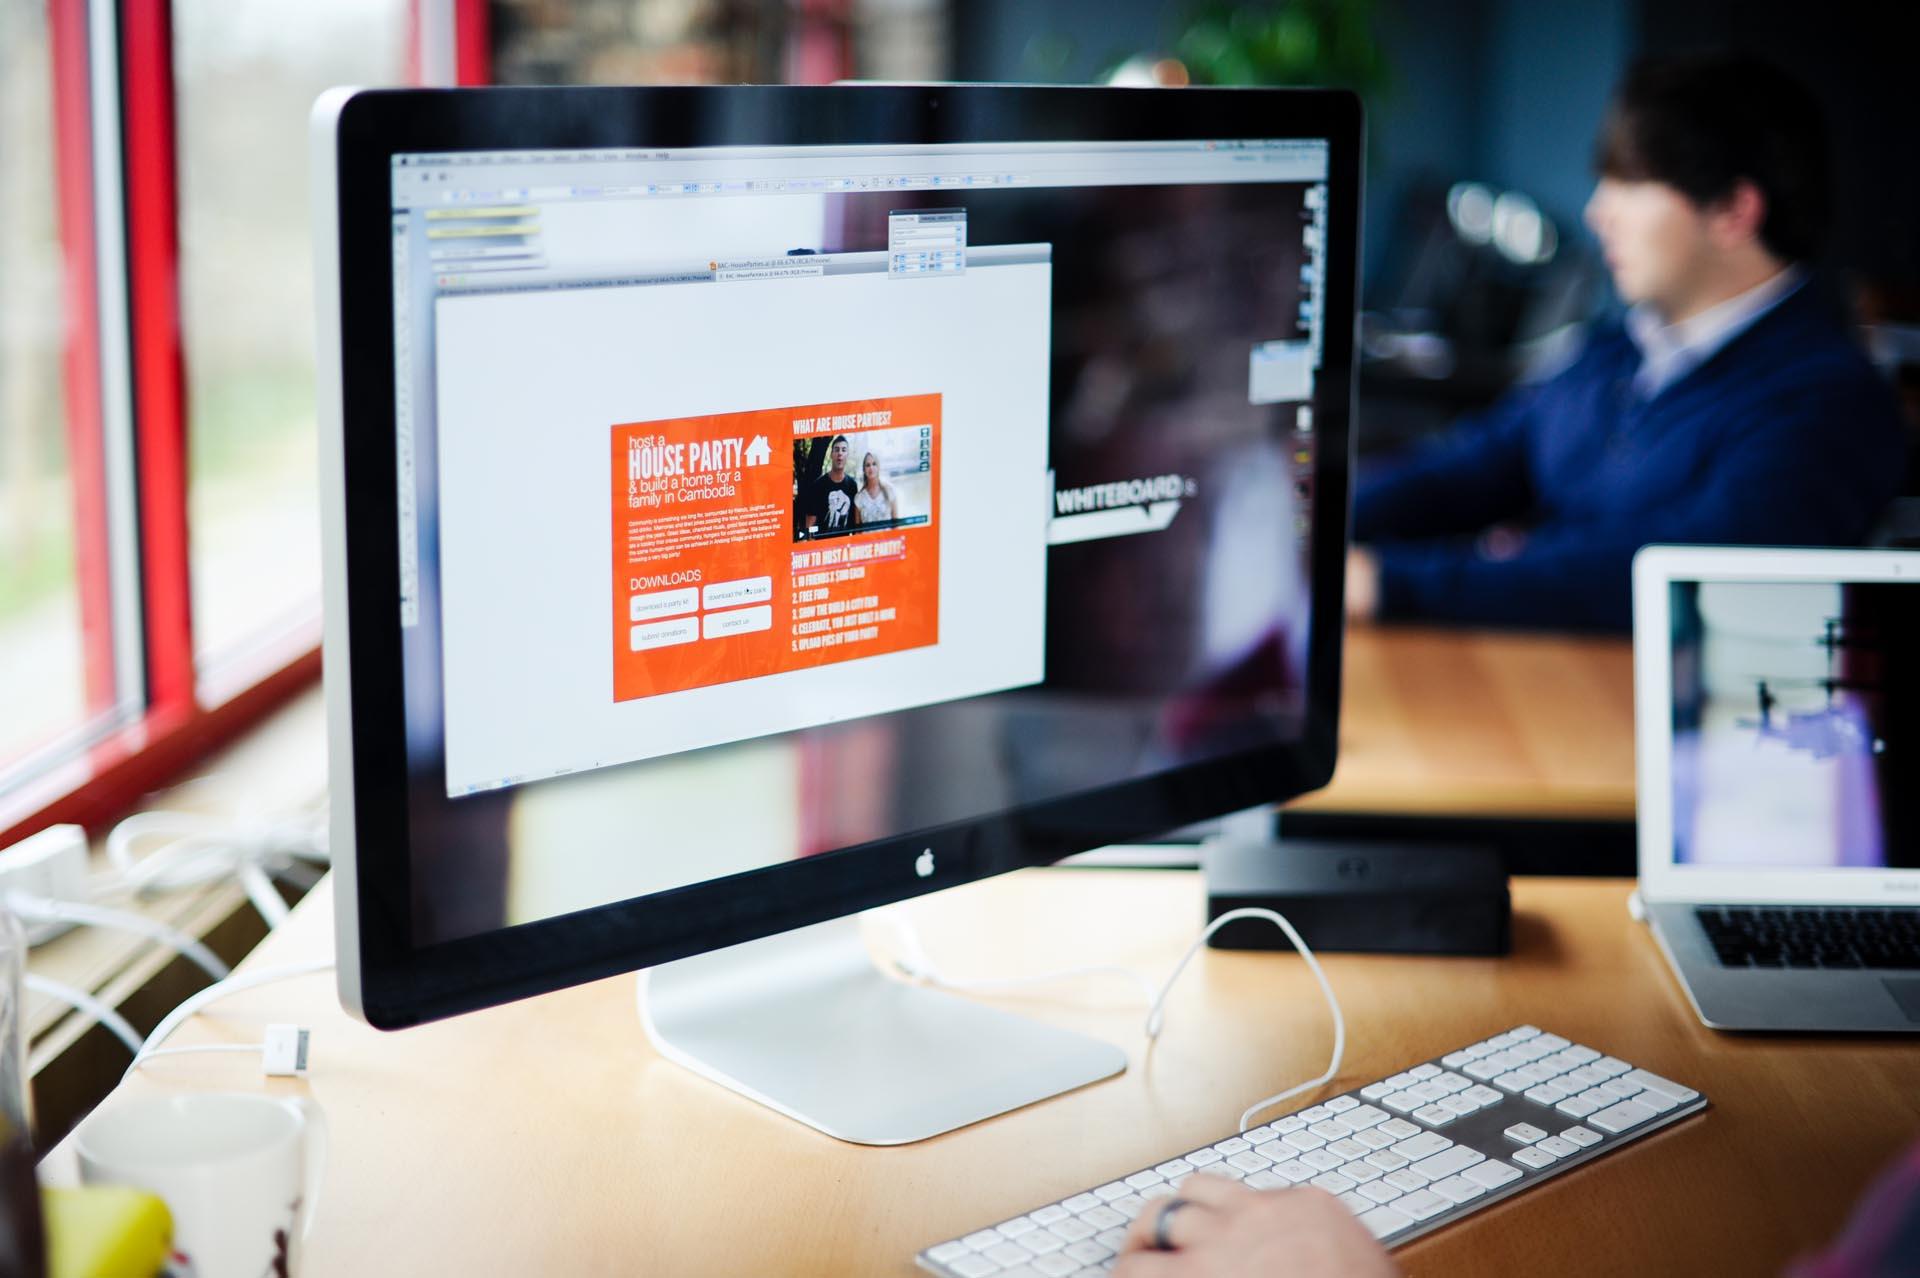 15 consejos para optimizar su sitio de weblog para la optimización del motor de búsqueda en línea